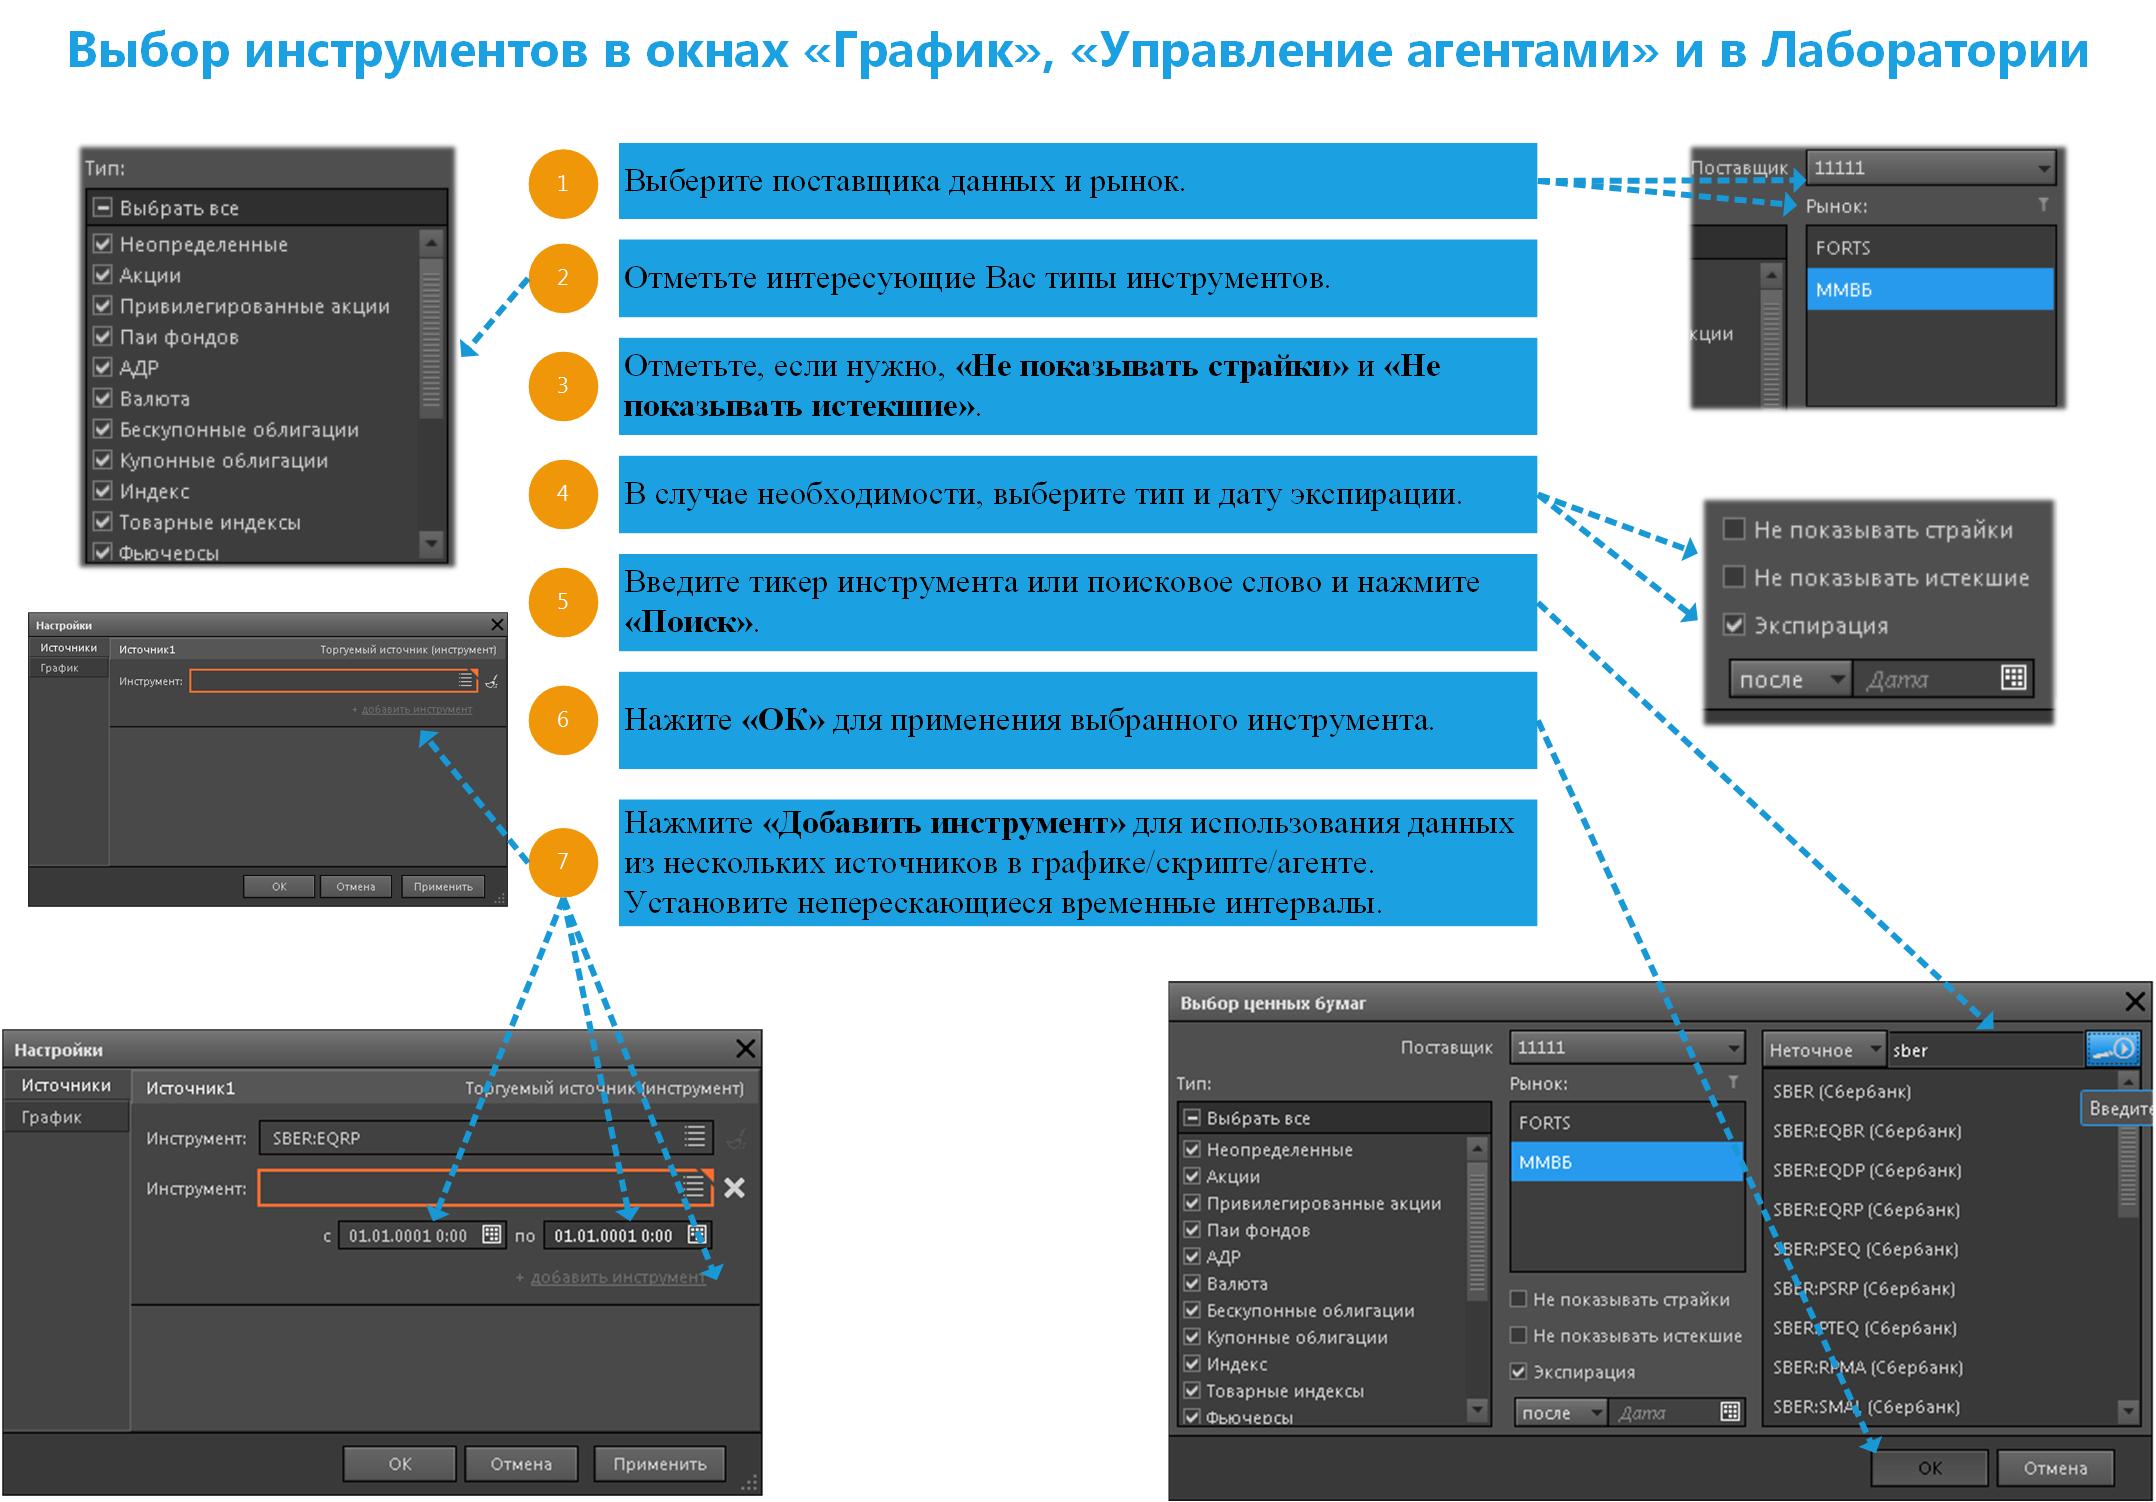 График Управление агентами и Лаборатории